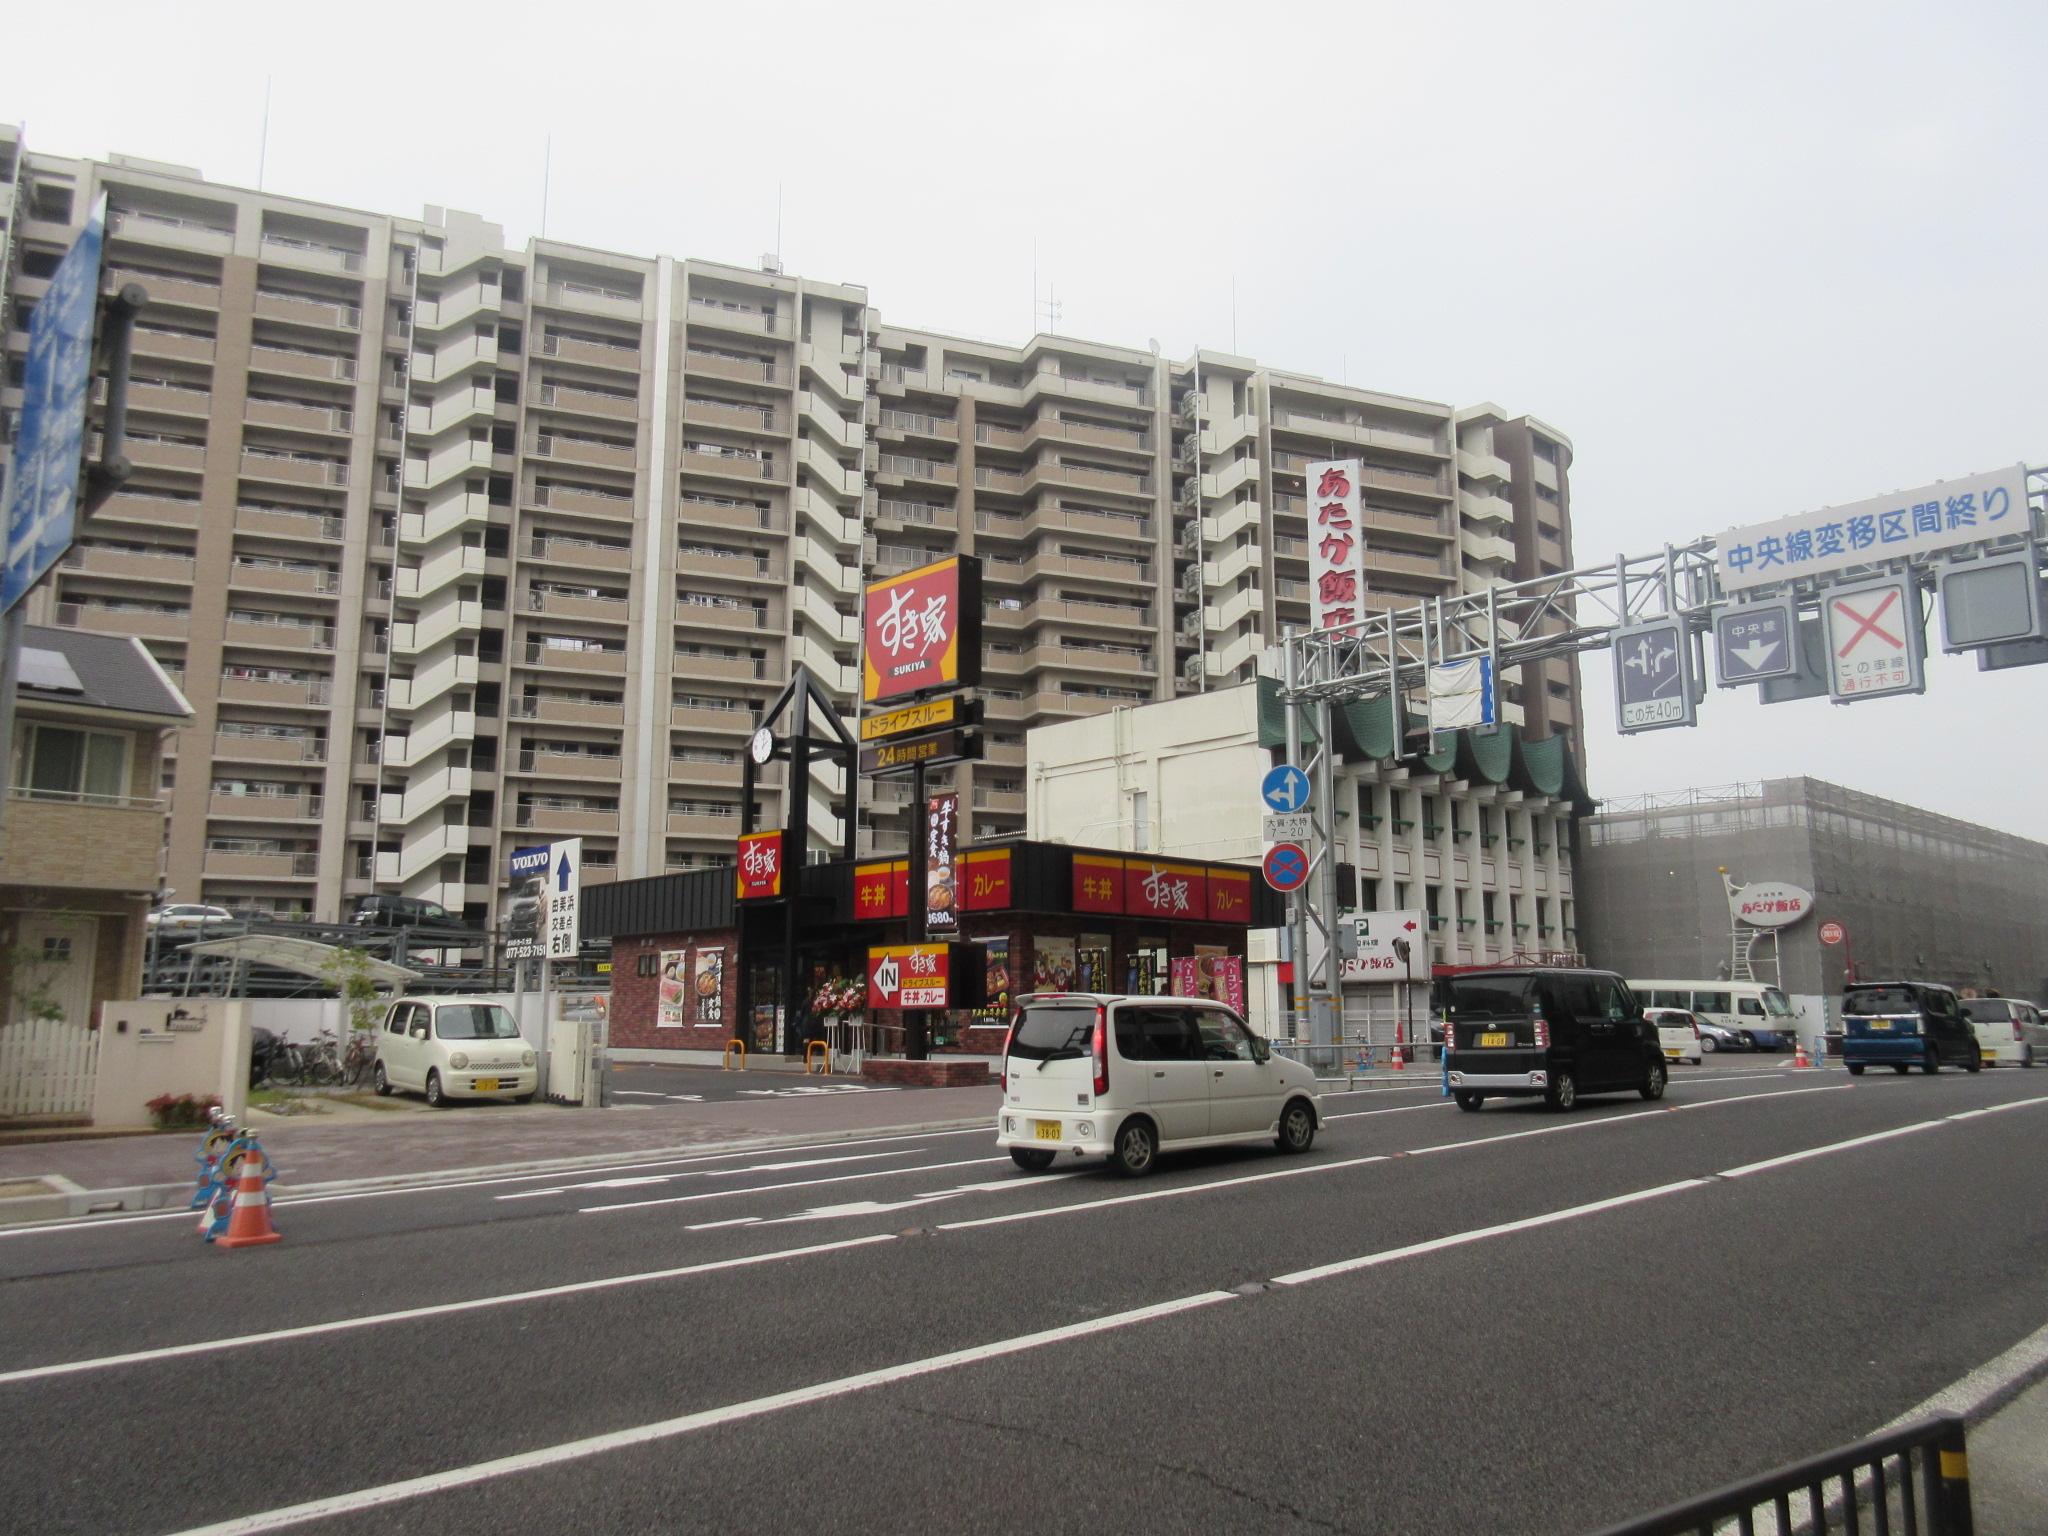 あたか飯店とすき家161号浜大津店